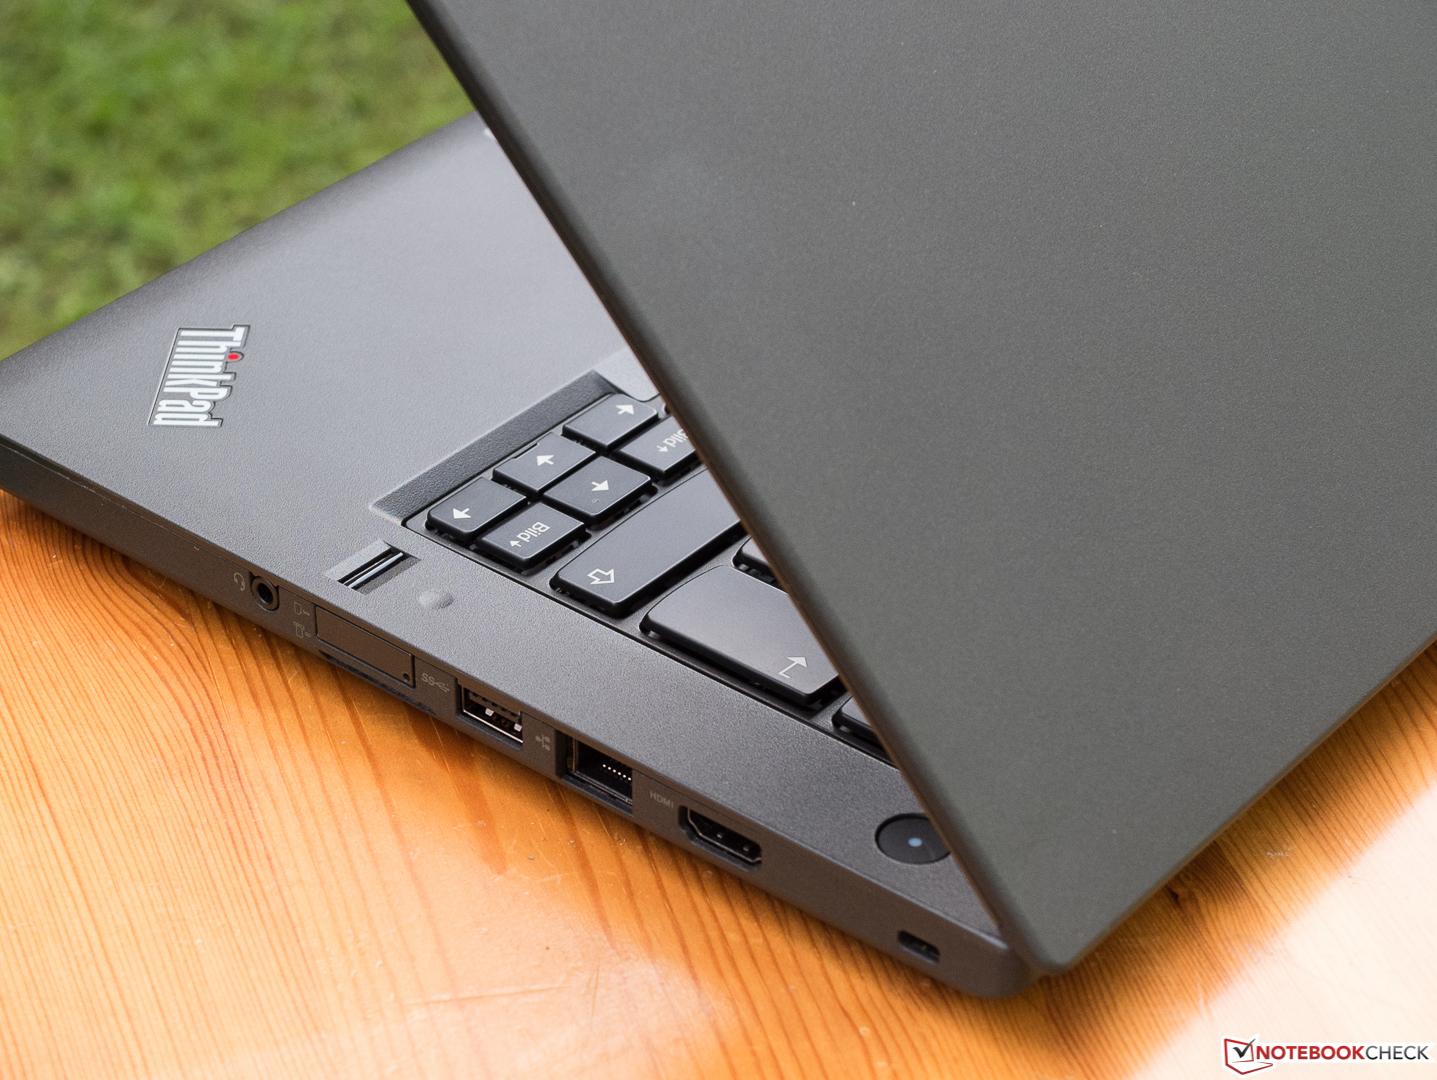 Lenovo T460 I7 6600 Màn Ips giá 19T5 - 1